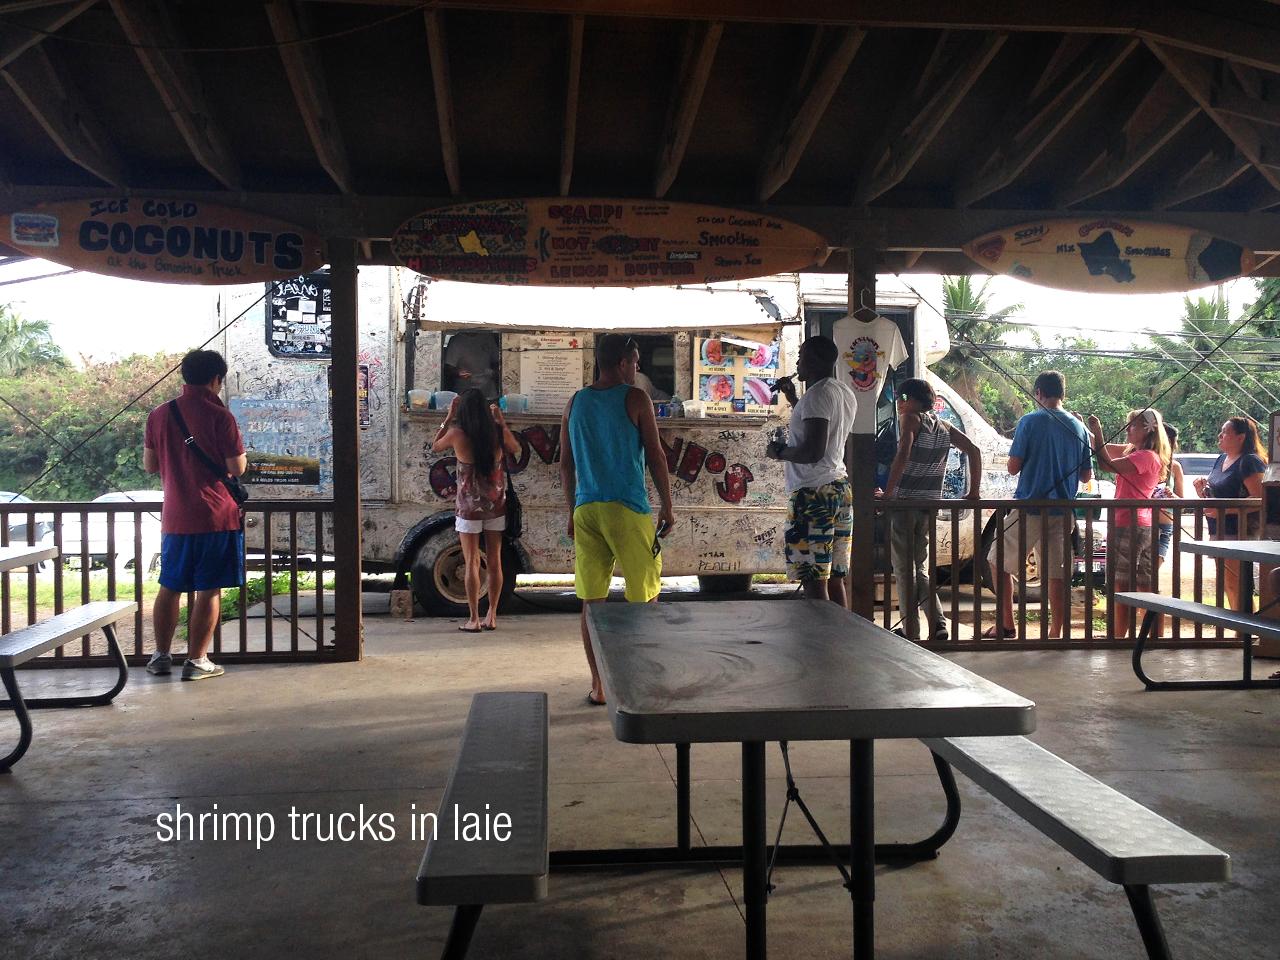 Dinner Time at Giovani's shrimp truck!